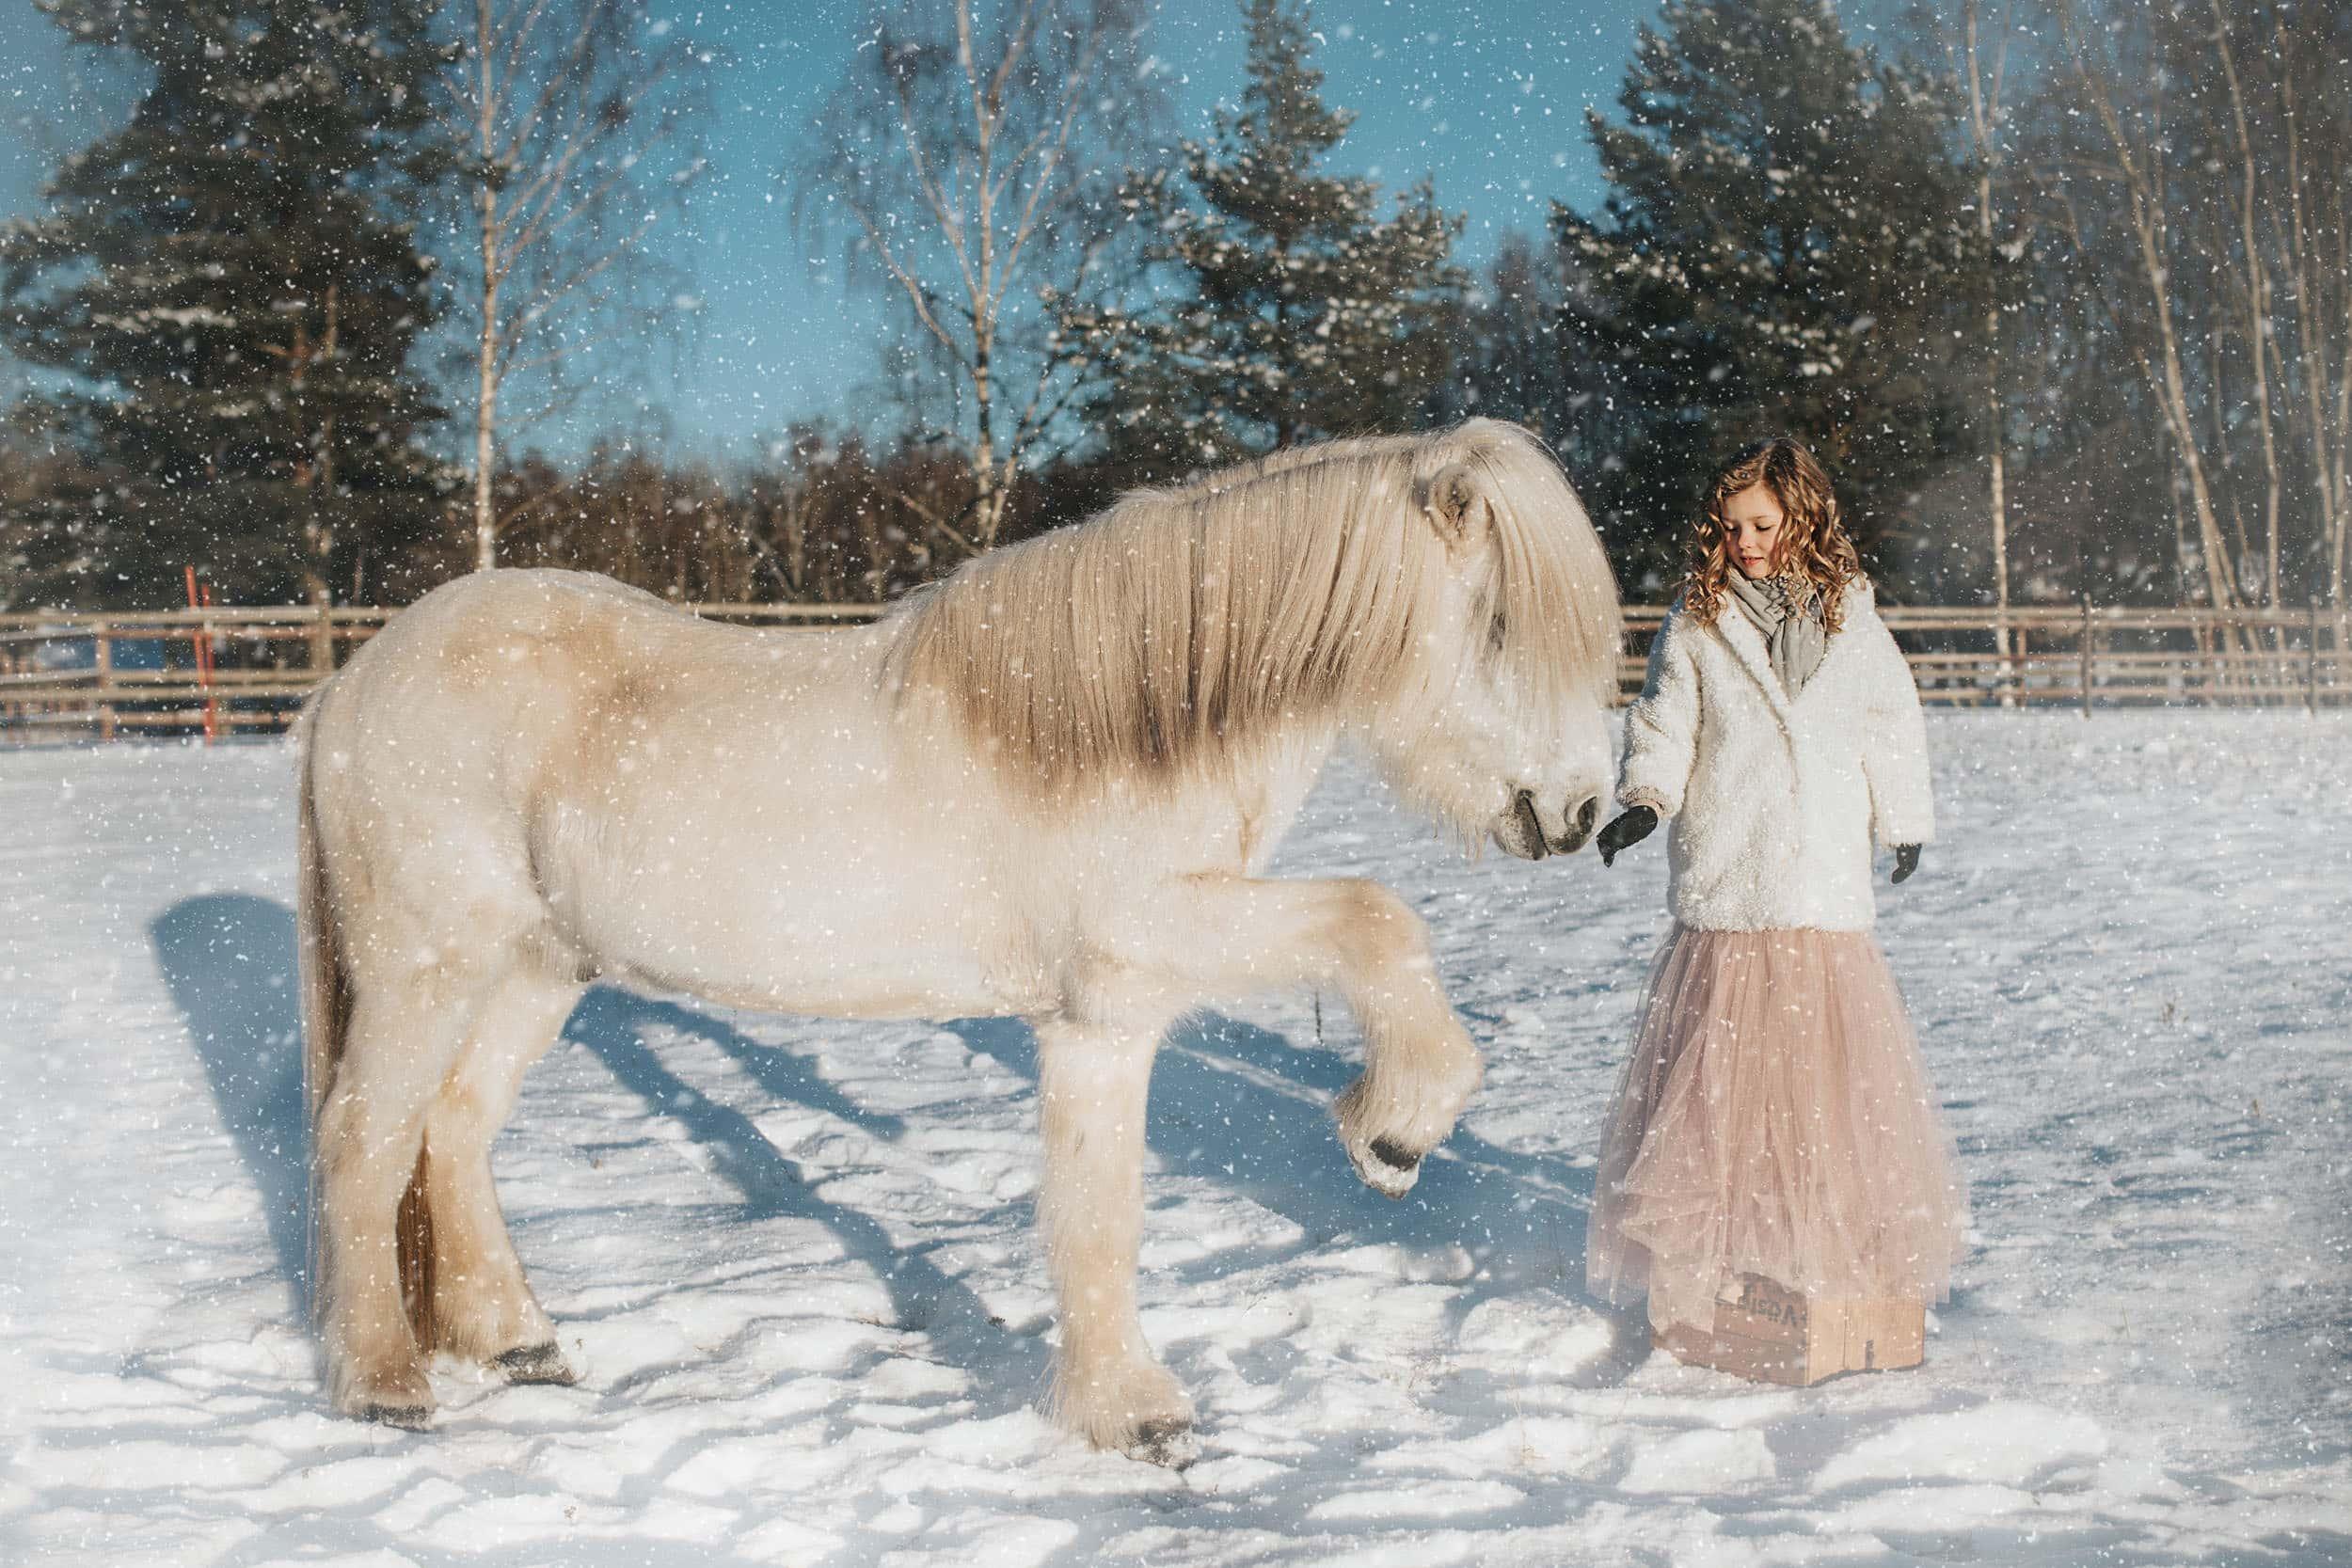 Vit islandshäst hälsar på flicka i prinsesskjol i snön